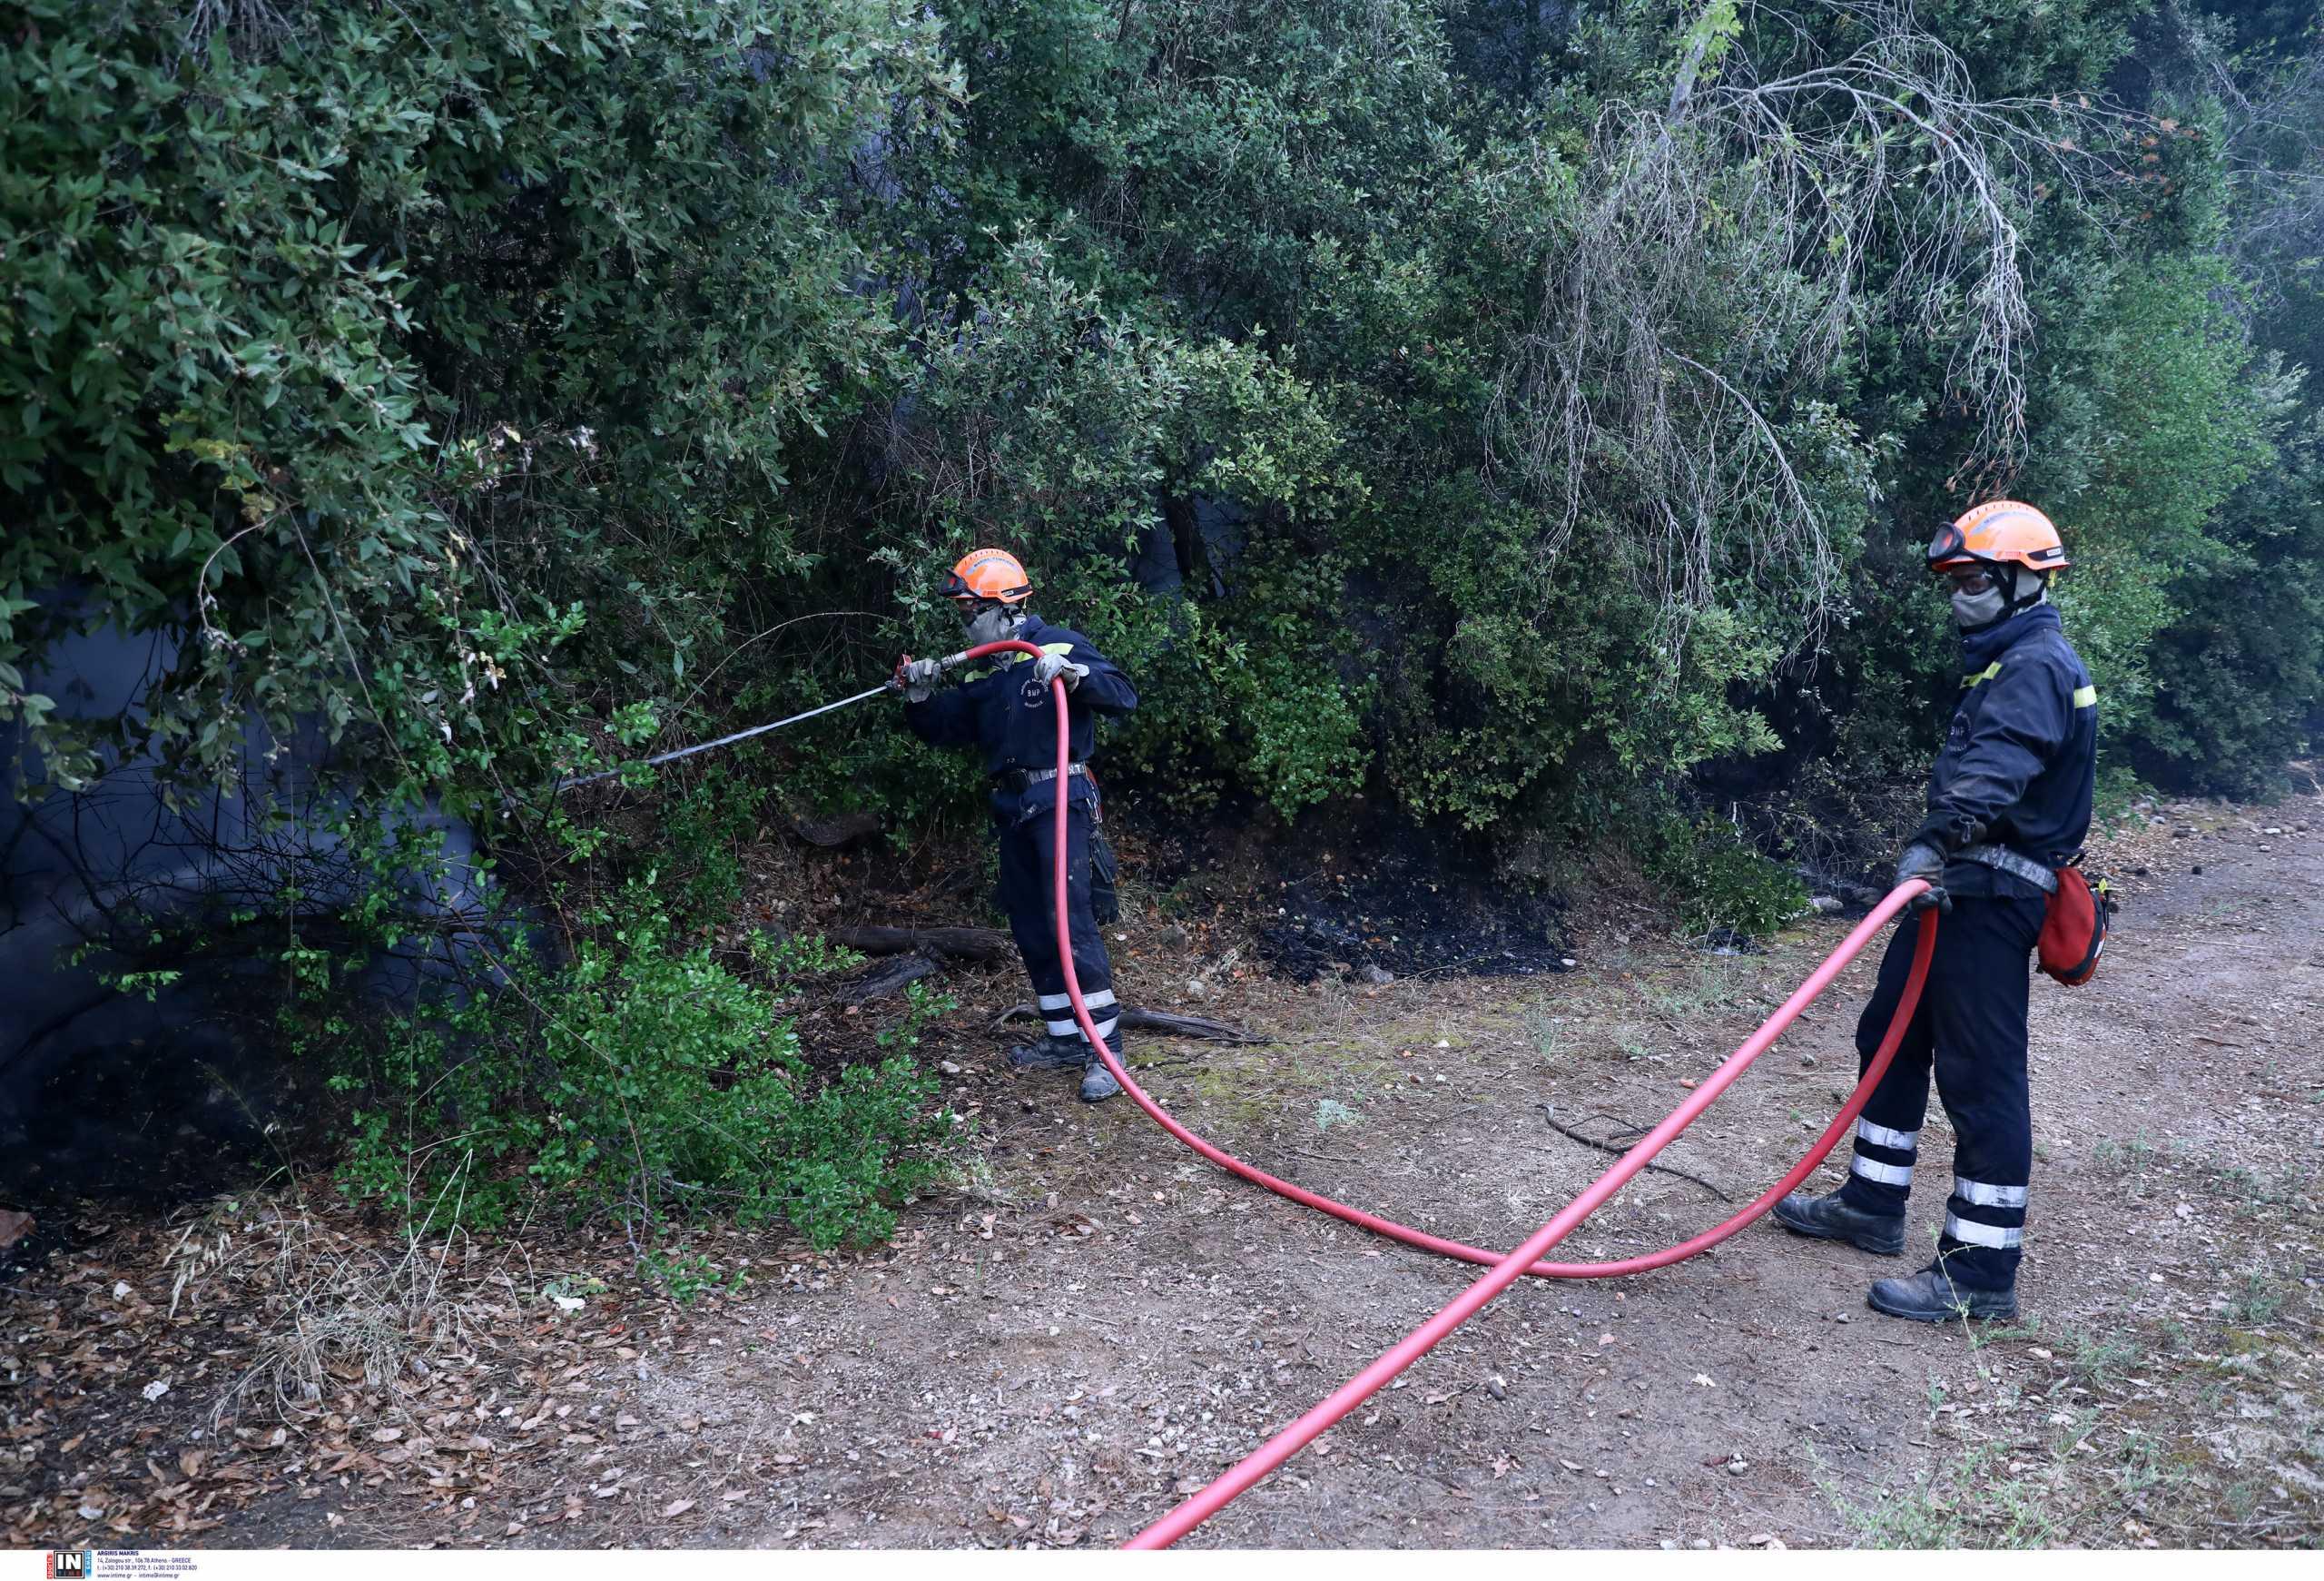 Αναζωπυρώσεις στις περιοχές Σκαμνάκι, Δεσφίνα και Καρέα της Ανατολικής Μάνης – Τις έσβησαν οι πυροσβέστες